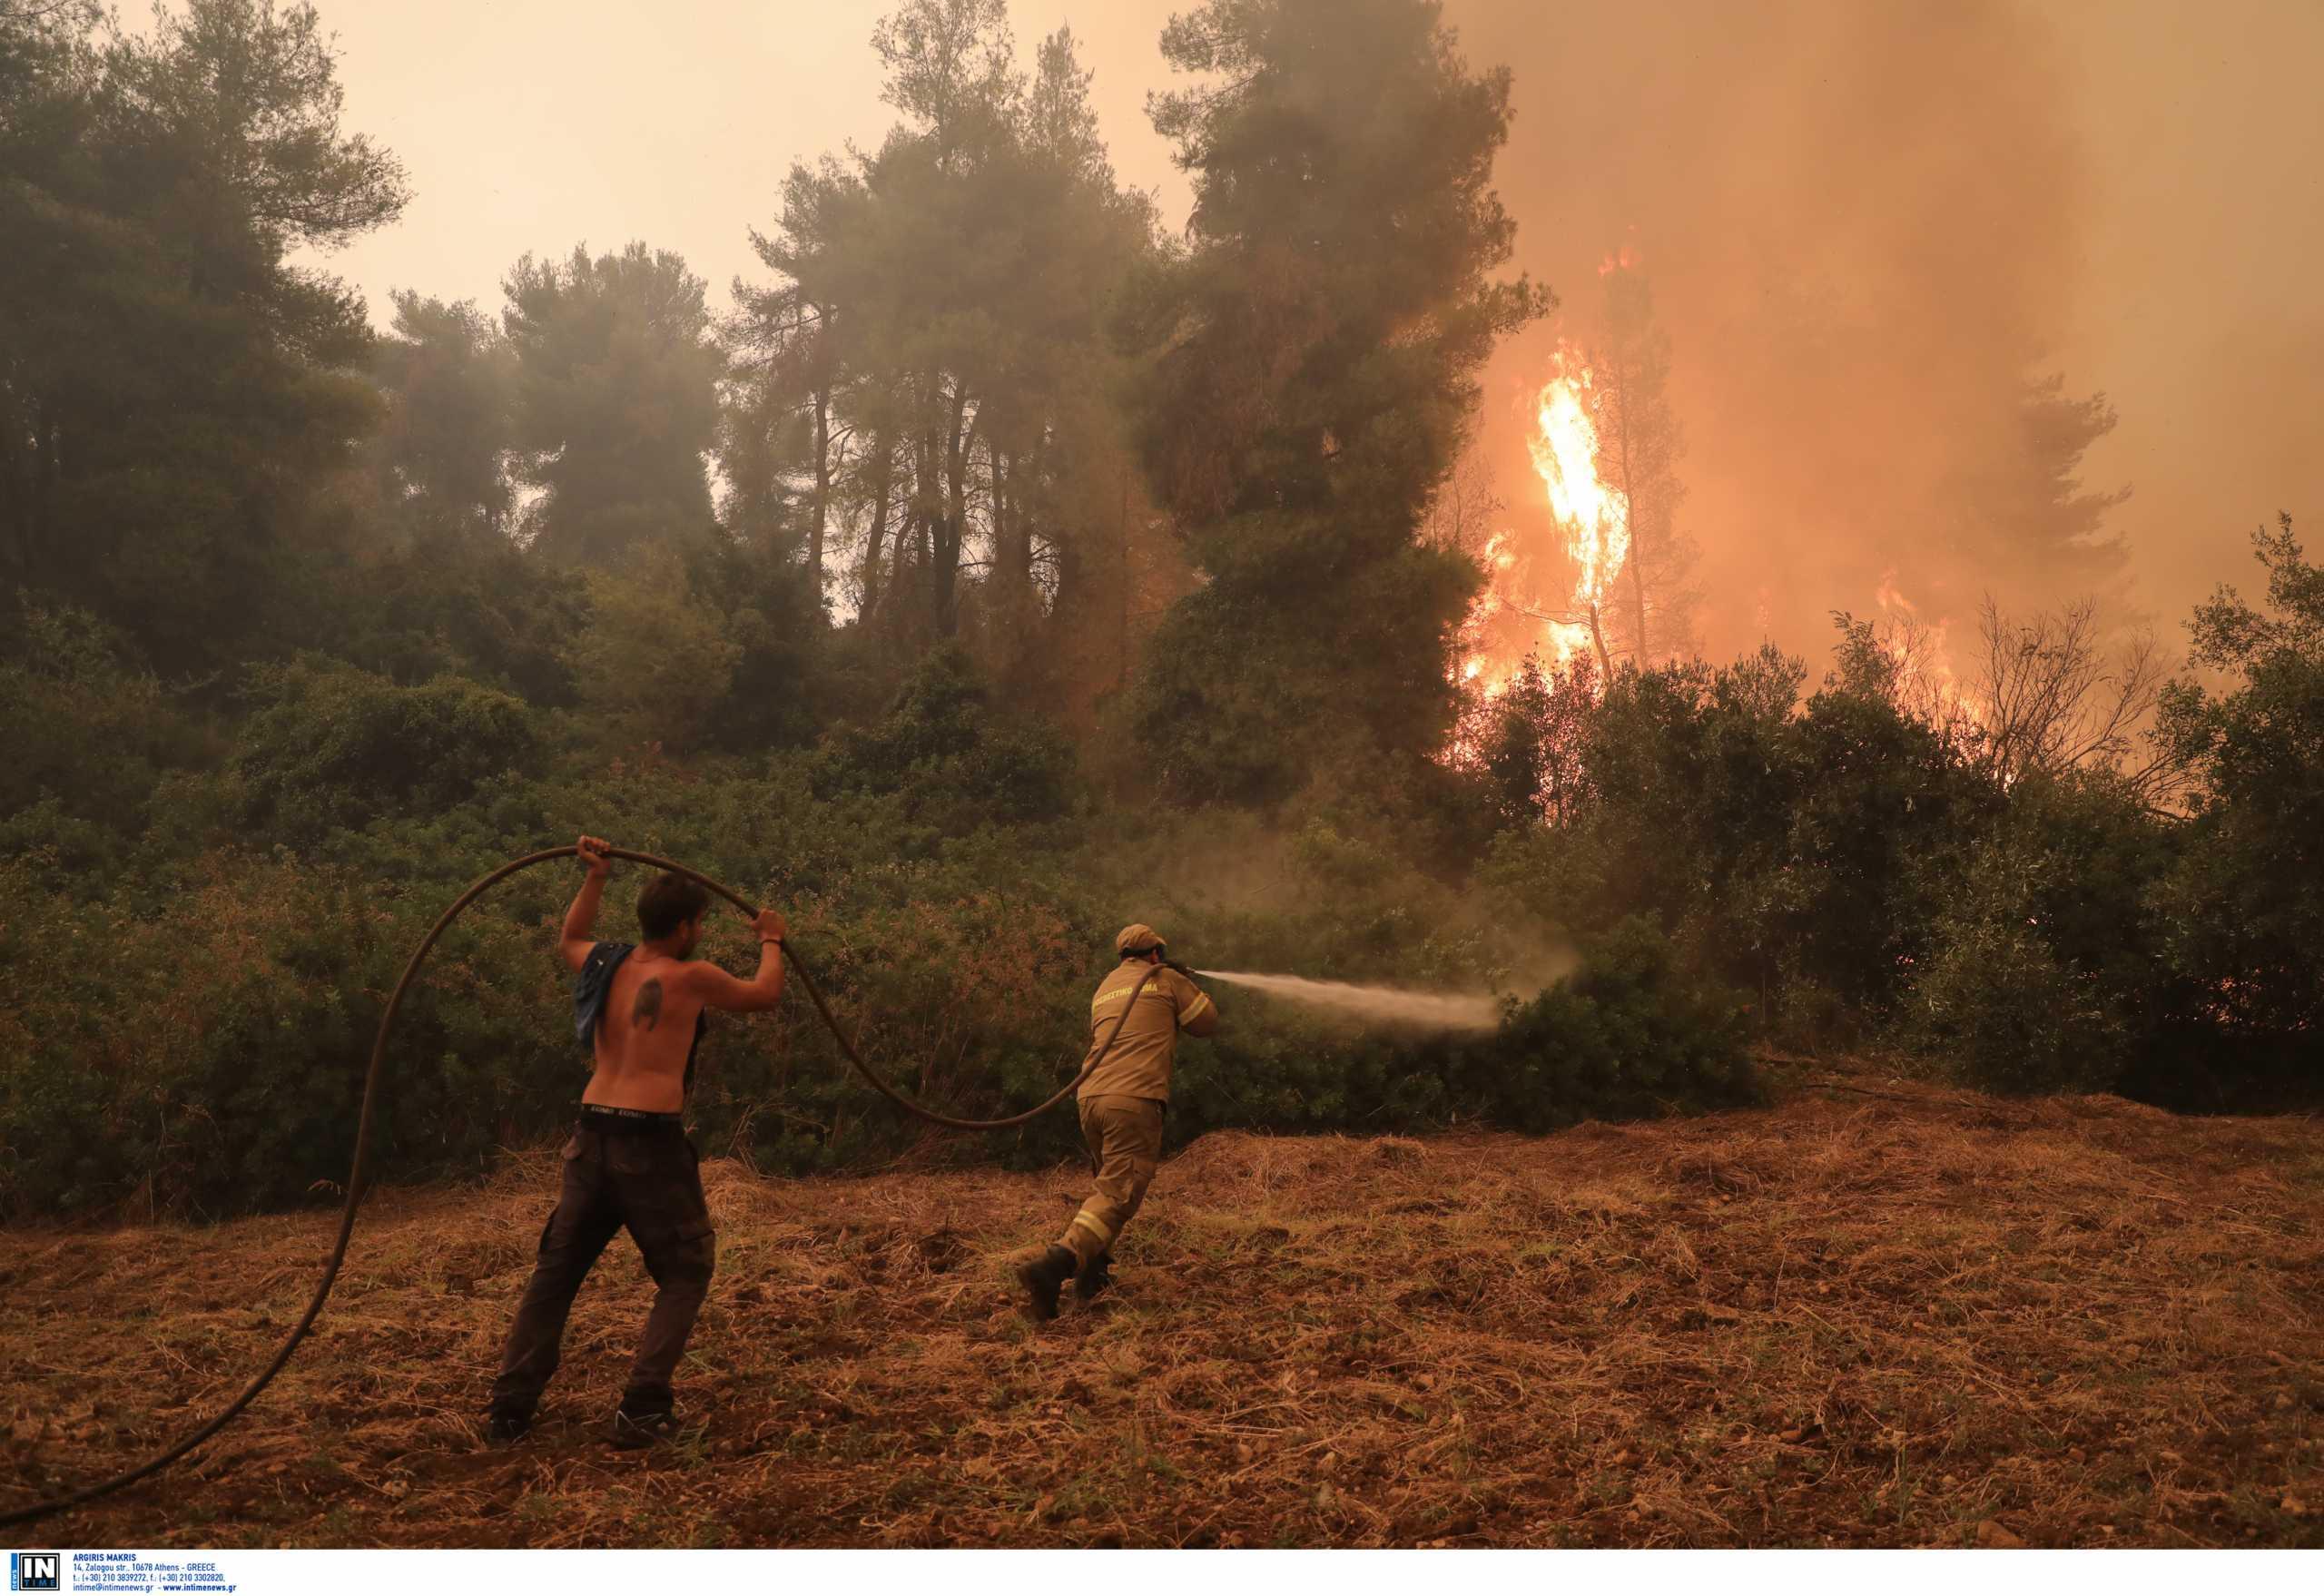 Φωτιές: Εισαγγελική παρέμβαση καθώς υπάρχουν υπόνοιες για οργανωμένο σχέδιο εμπρησμού